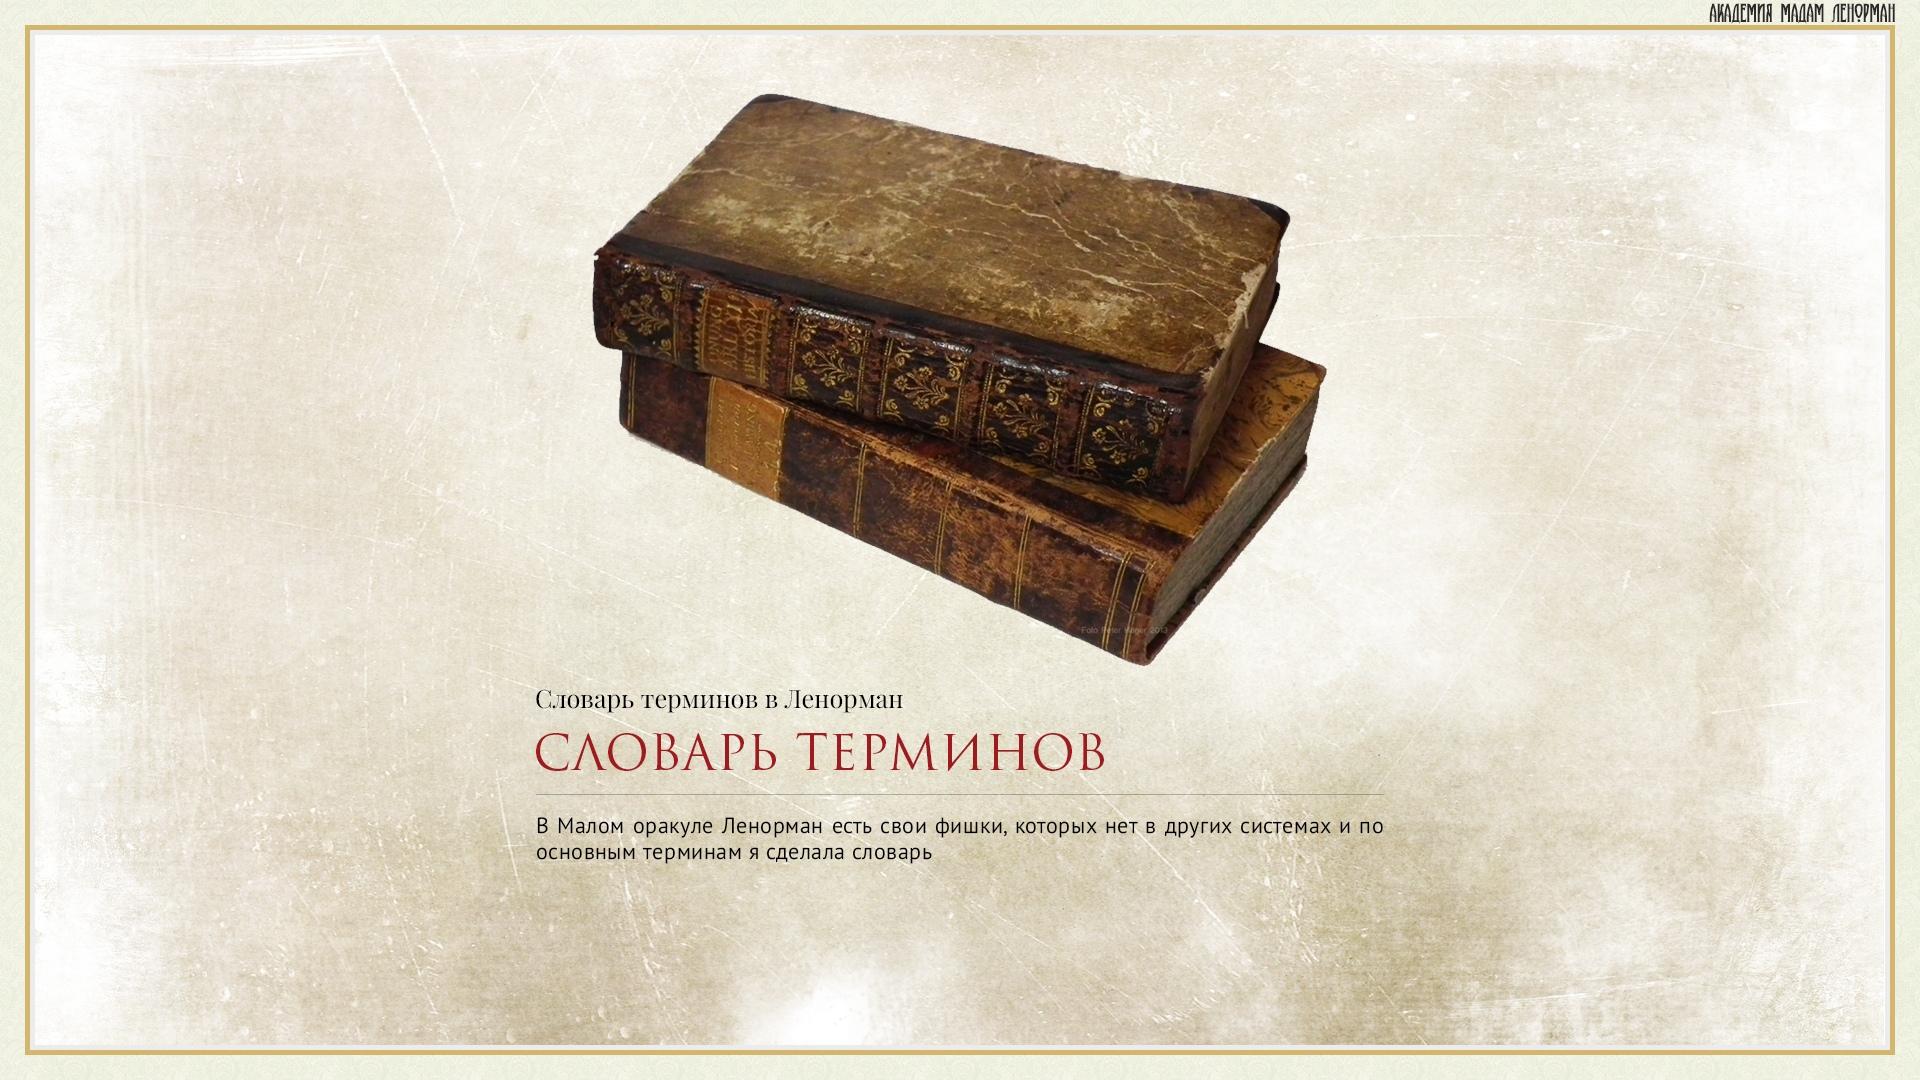 Словарь терминов в Ленорман